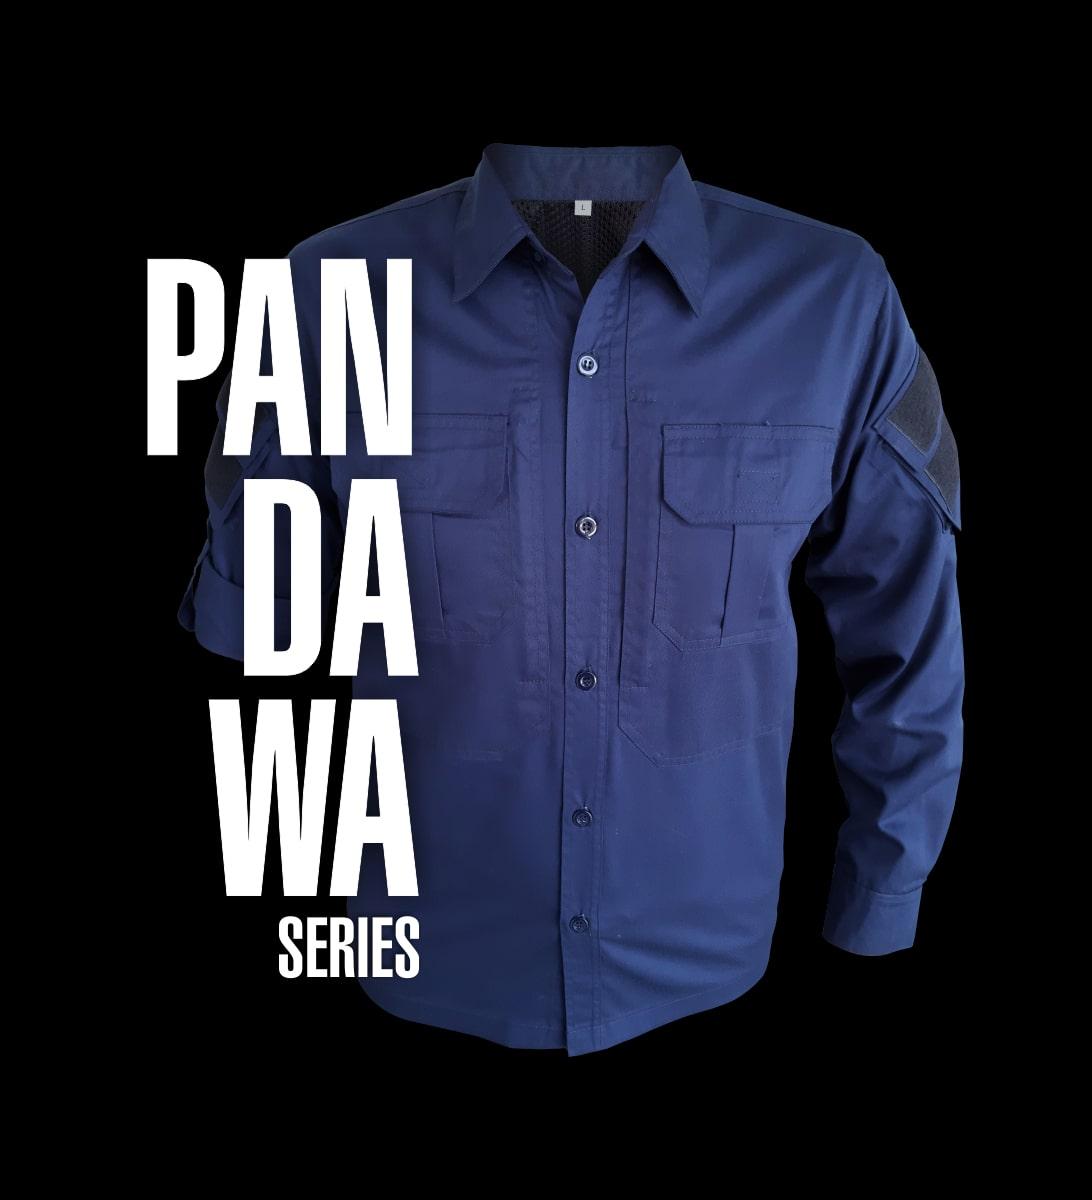 Baju Tactical Pandawa Series